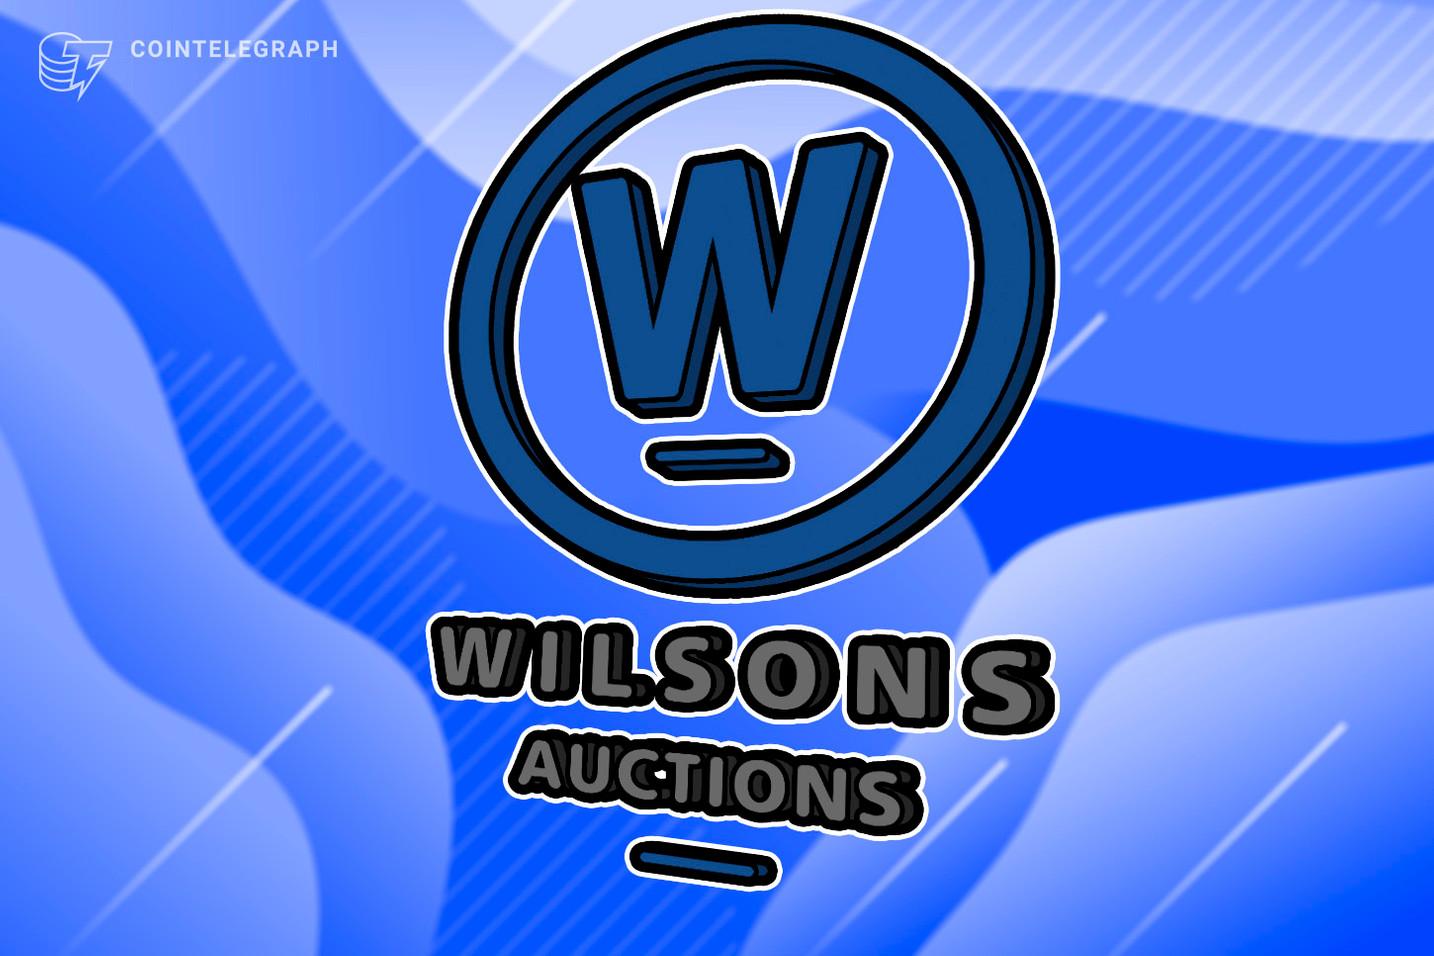 مزادات ويلسون توقع عقد بلجيكي جديد مع أول إطلاق لمزاد البيتكوين